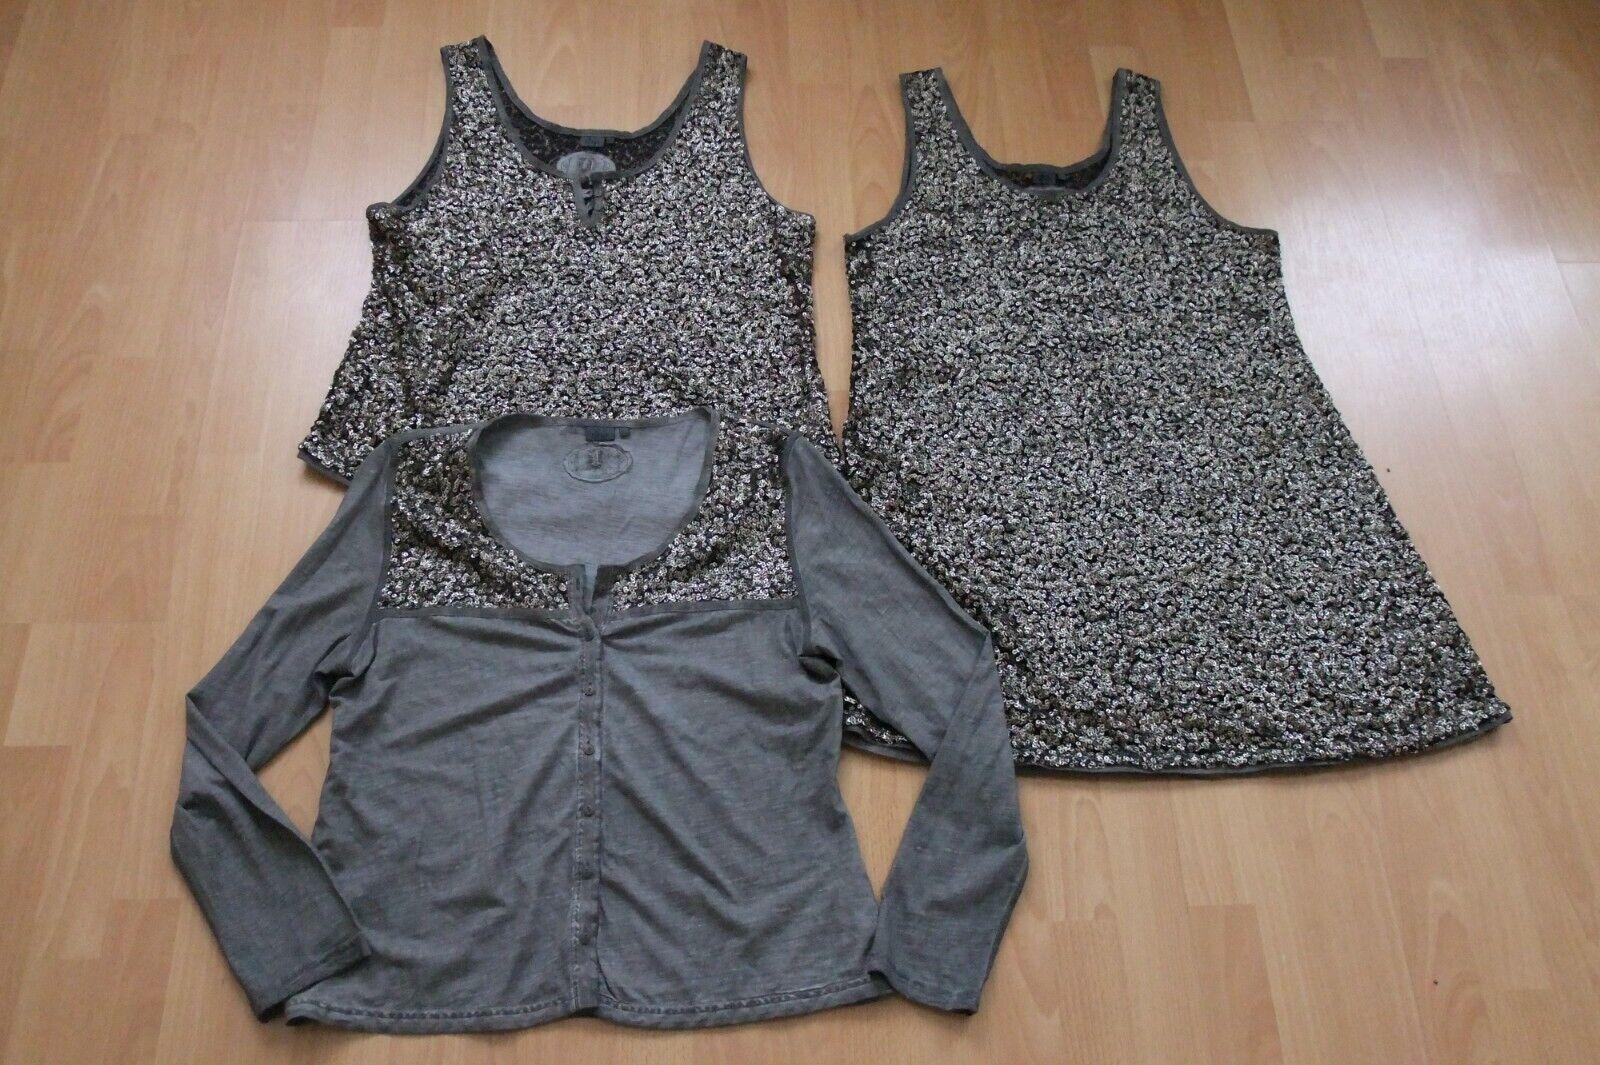 Nile Damenkostüm (Kleid, Oberteil, Cardigan) mit Pailletten, 3 Teile, Gr.XL, neu